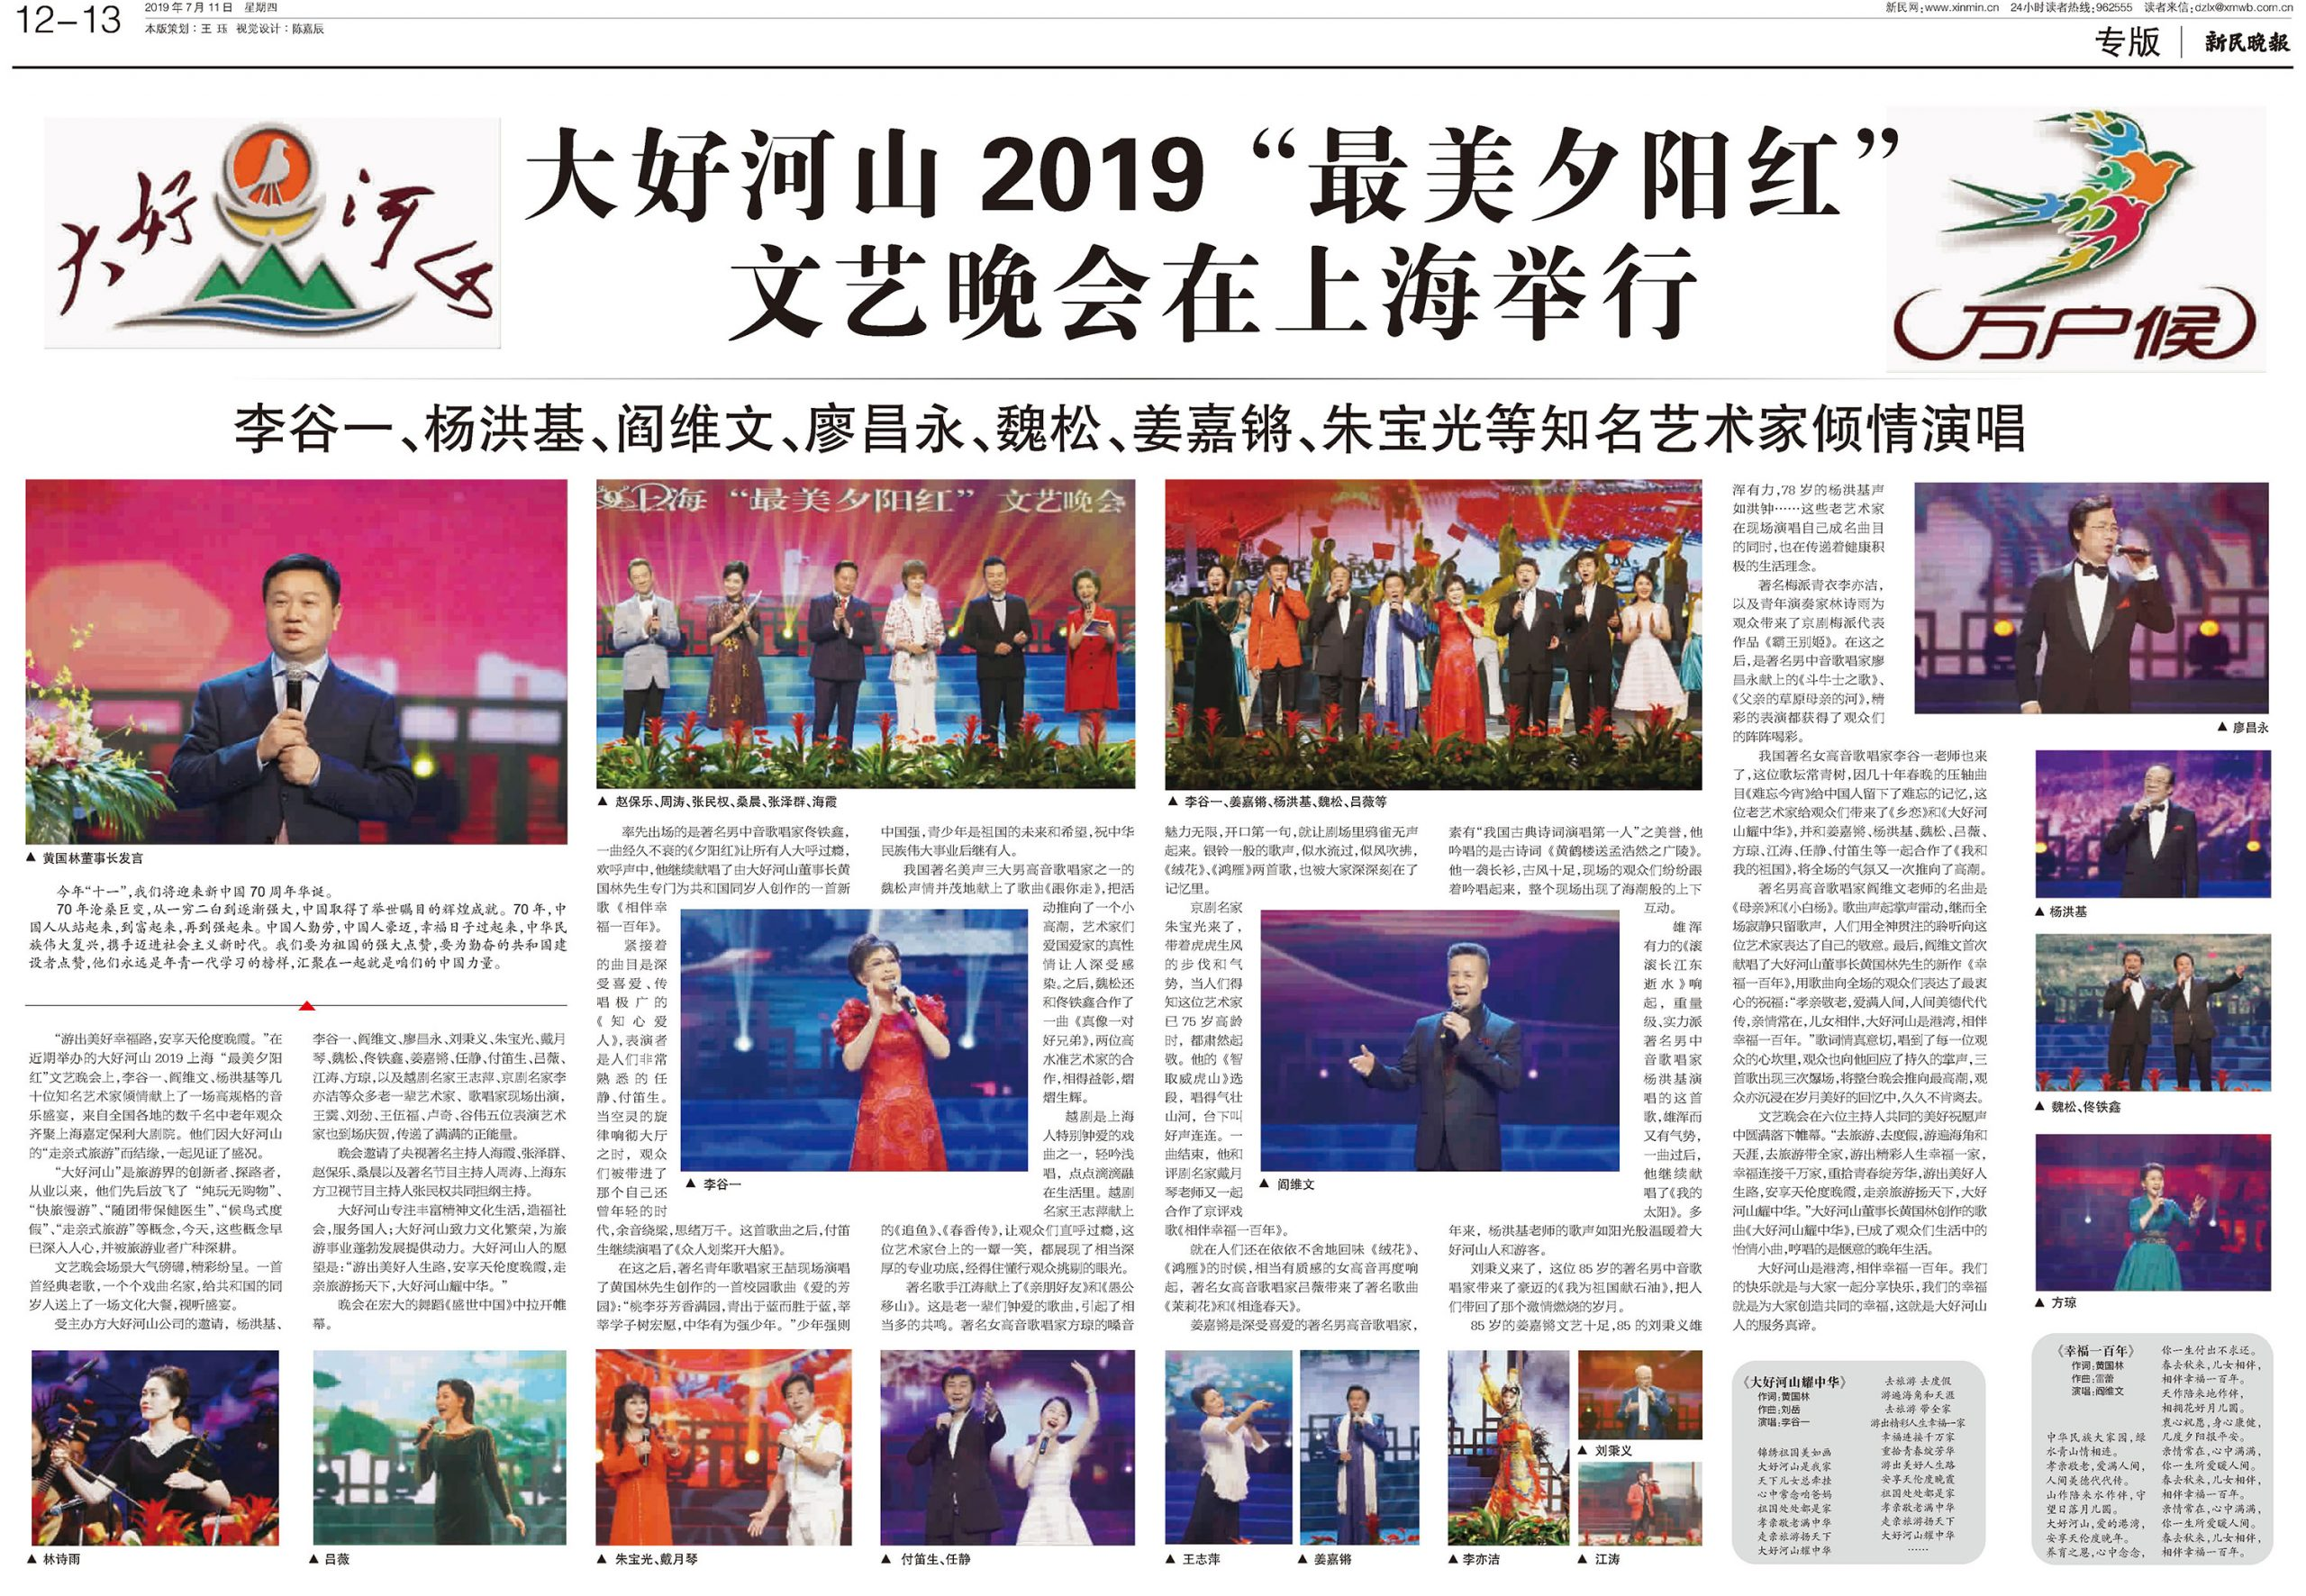 新民晚报 2019-07-11 专版12-13